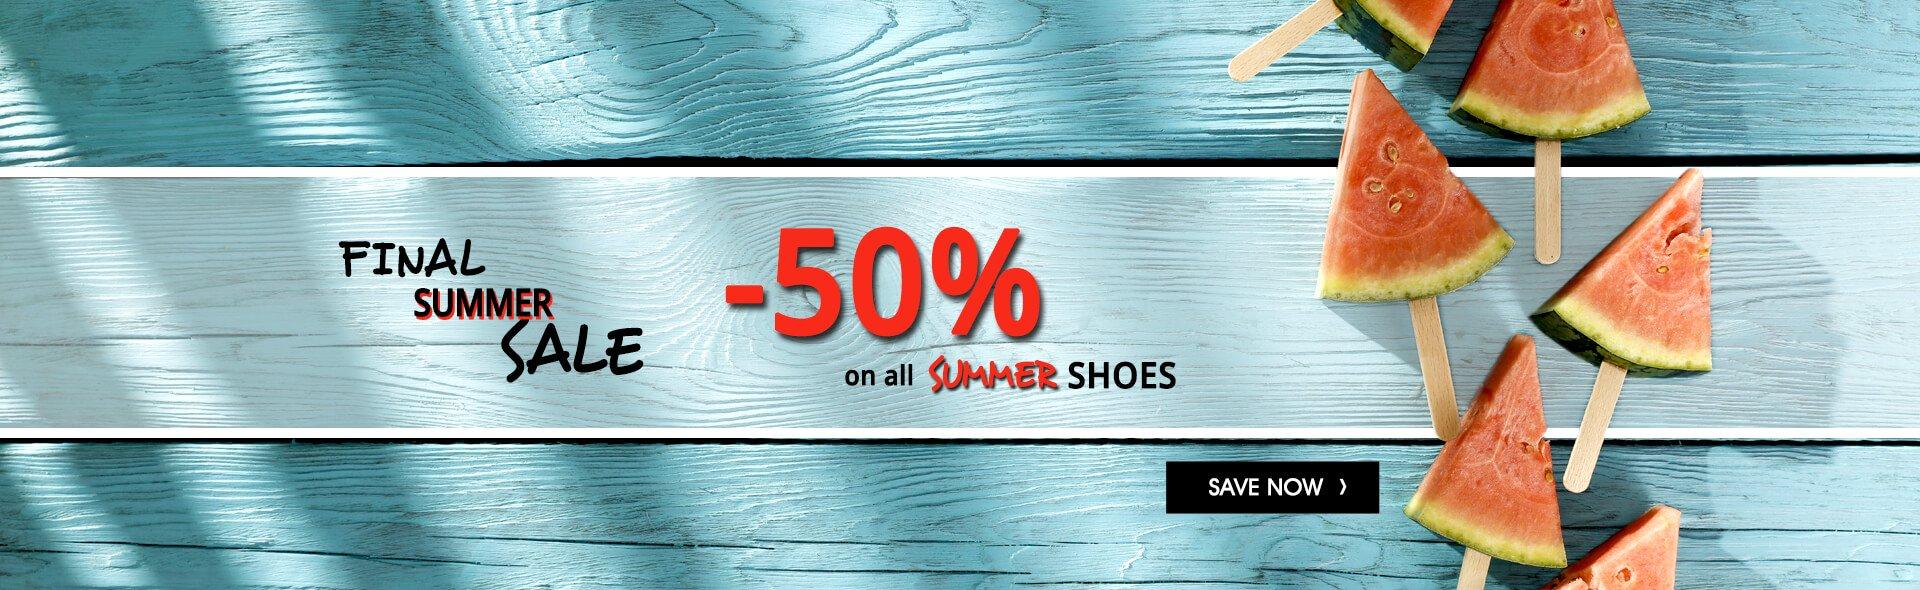 [Rieker-Outlet.de] Final Summer SALE - 50 % auf alle Sommerschuhe